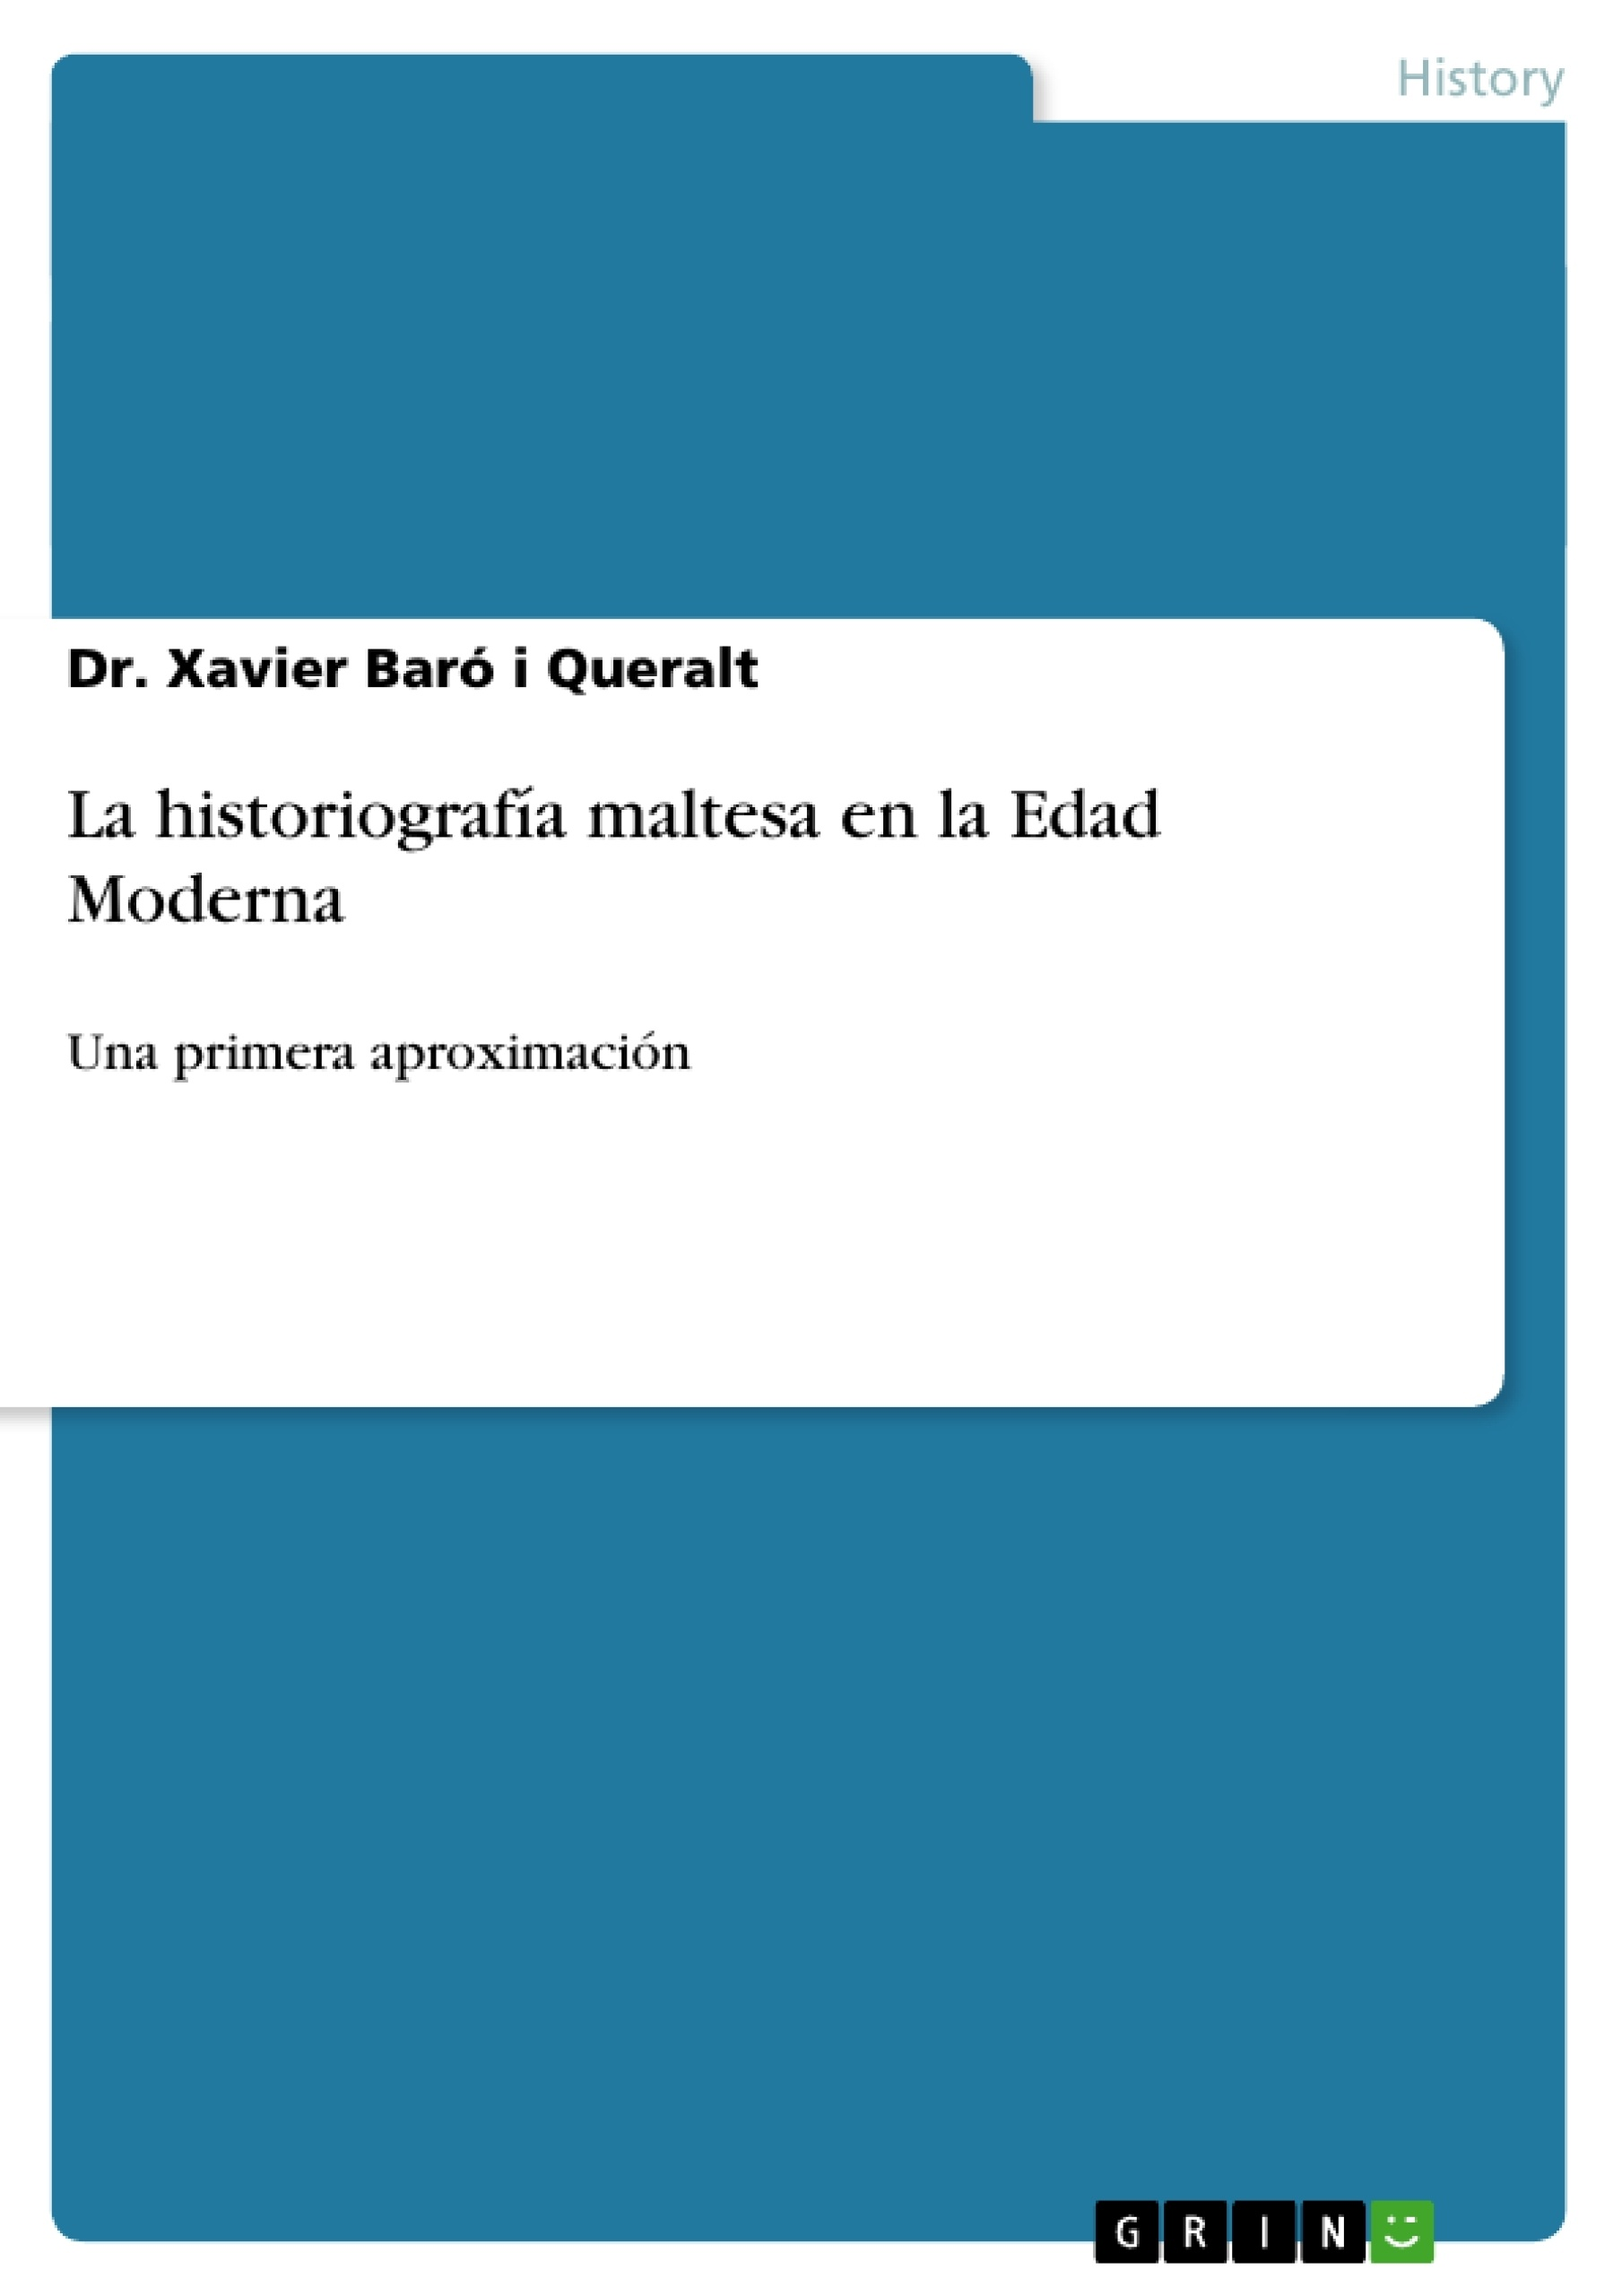 Título: La historiografía maltesa en la Edad Moderna